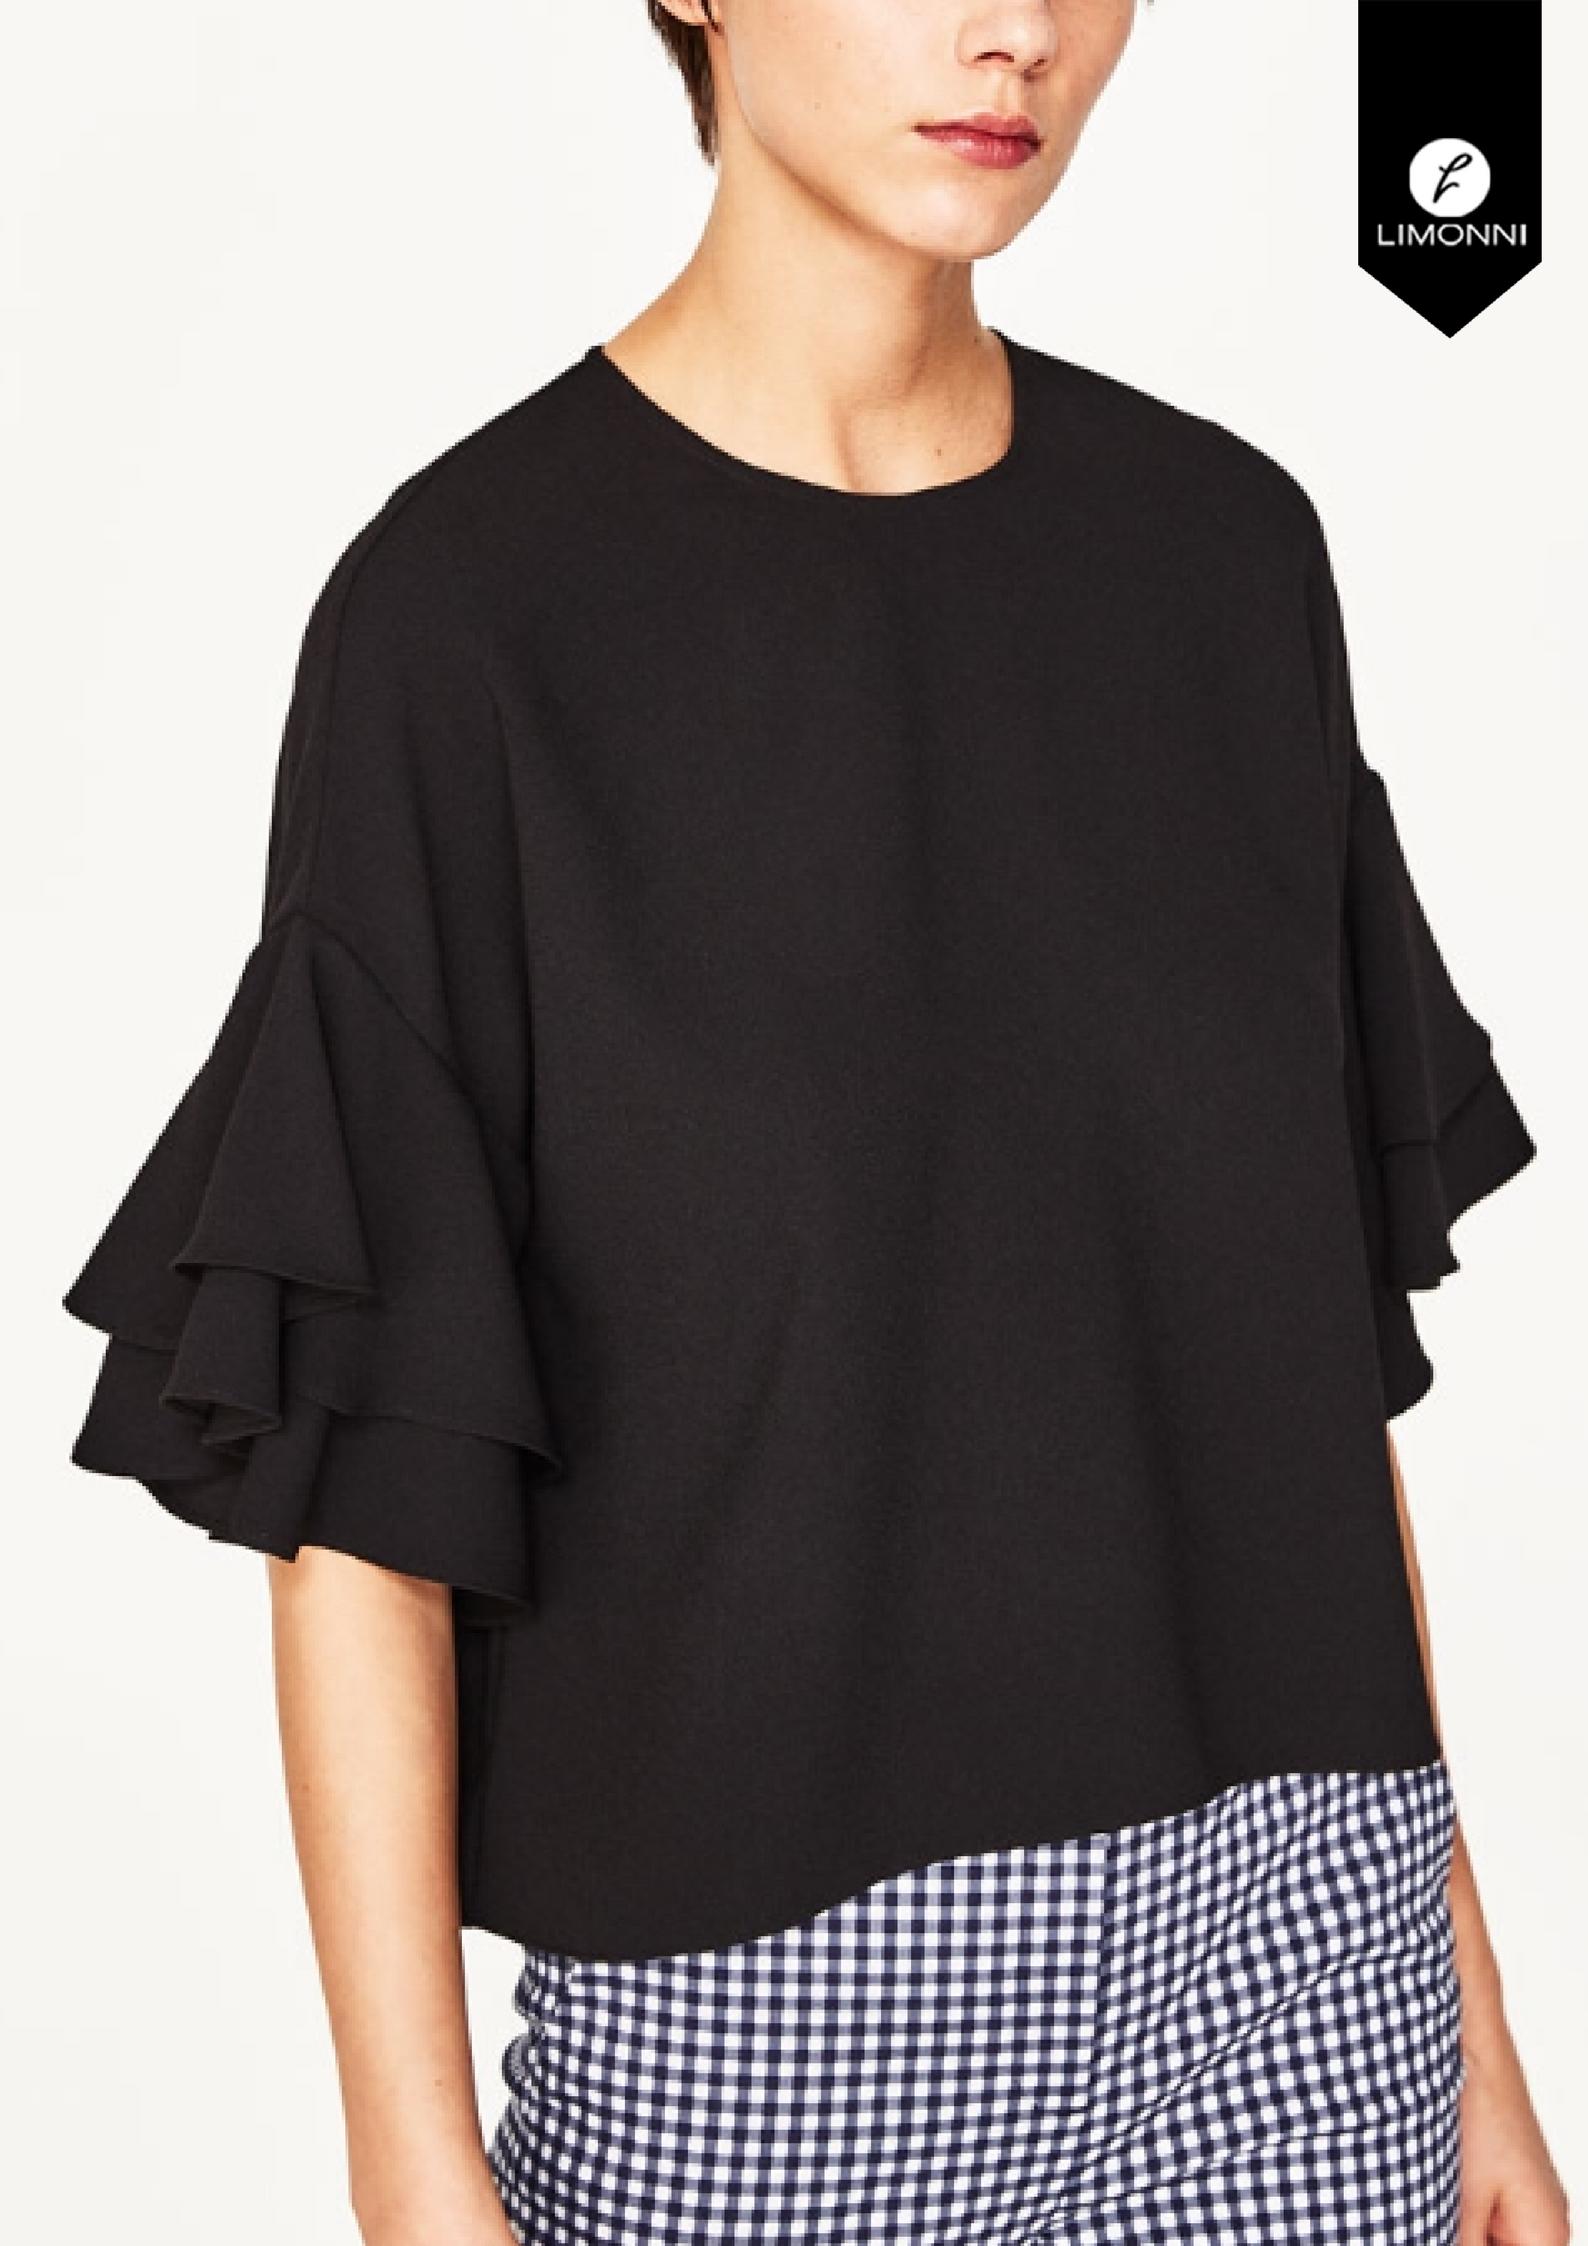 Blusas para mujer Limonni Novalee LI1459 Casuales